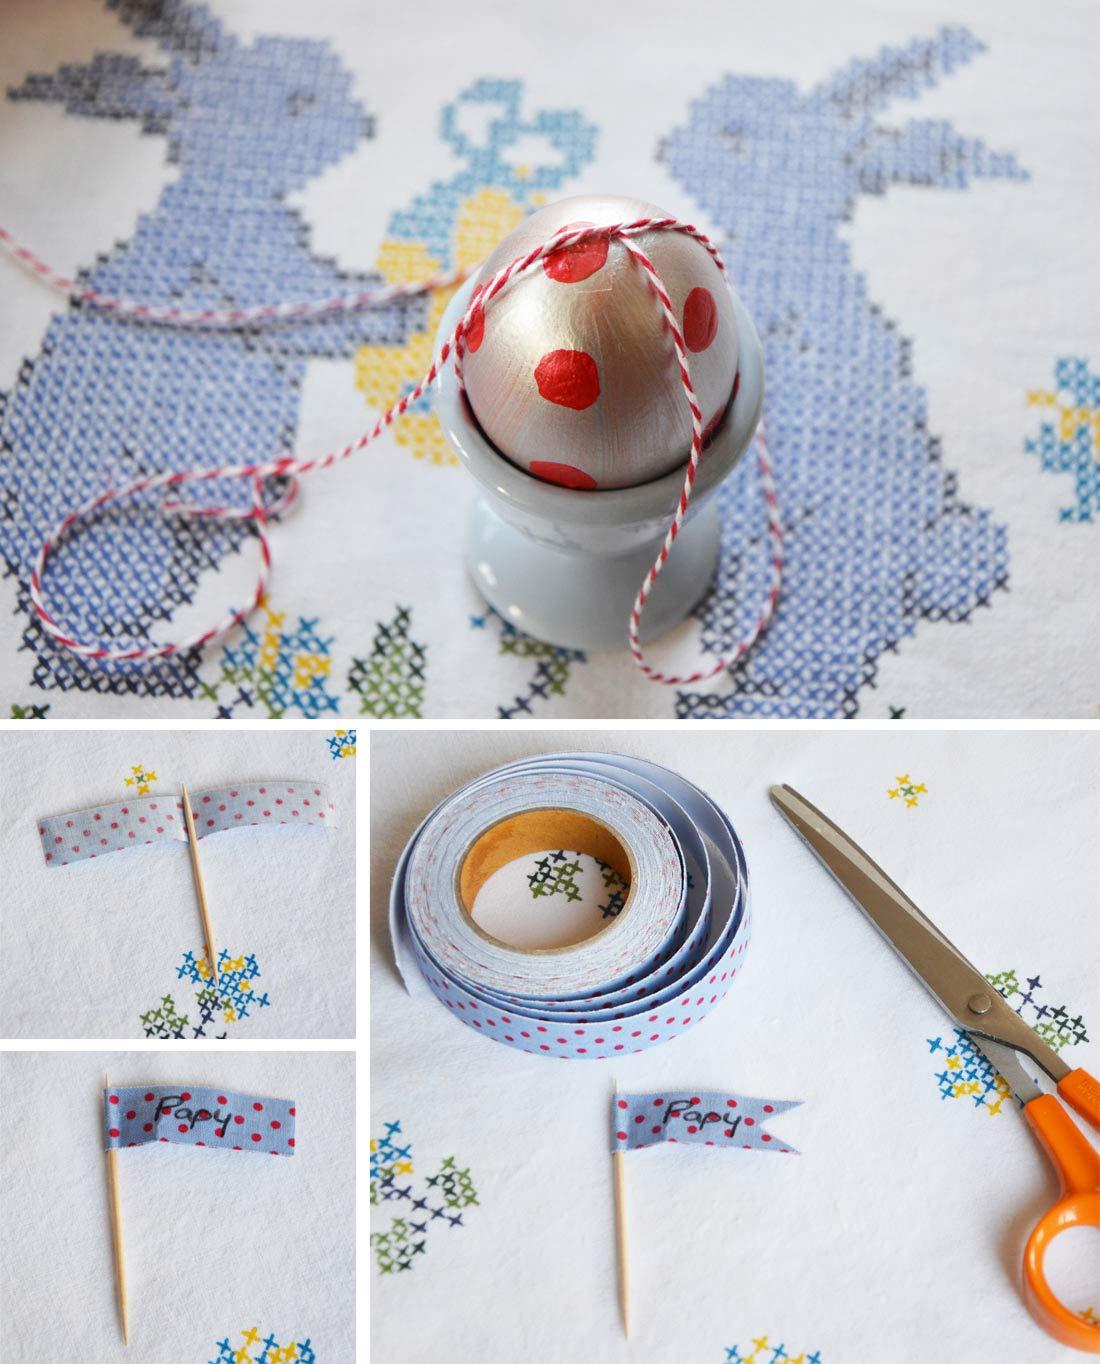 DIY oeufs de Pâques détails